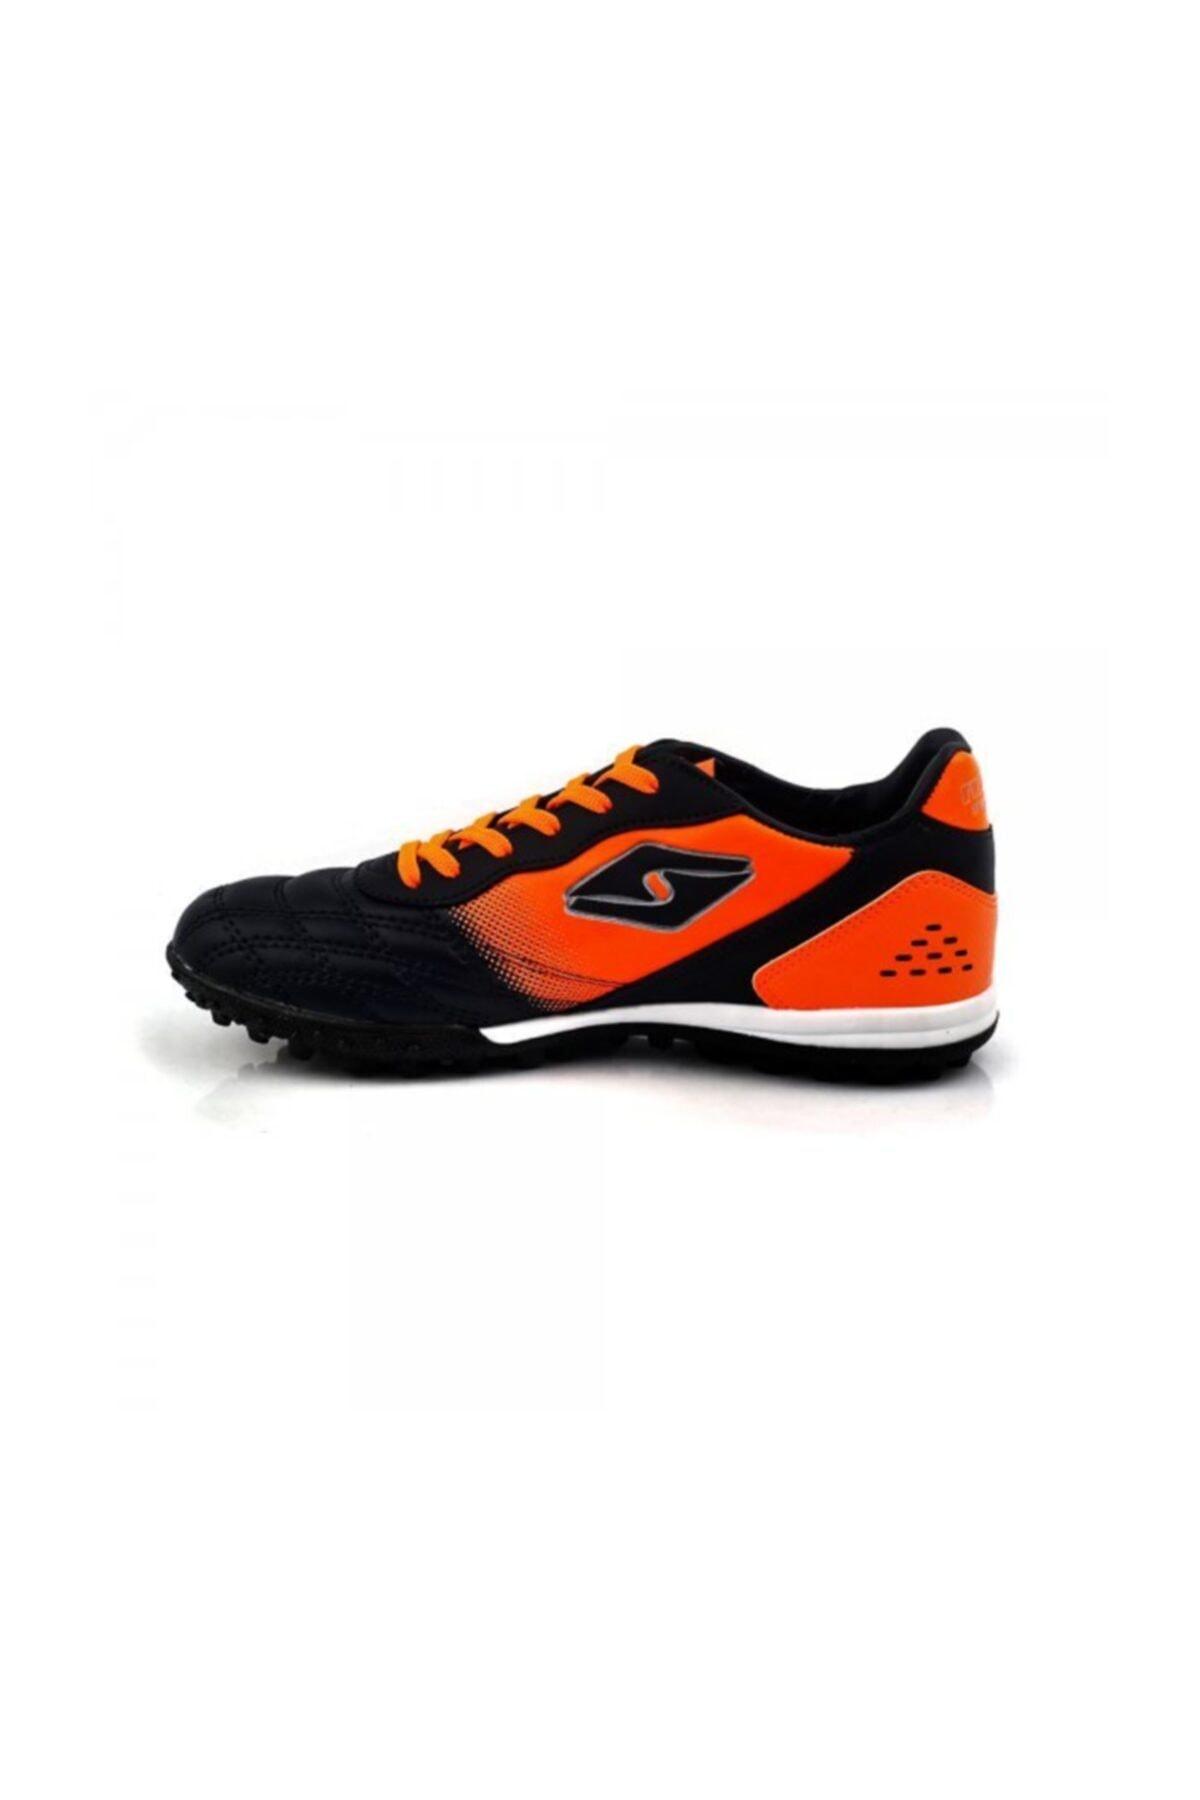 WoW Ayakkabı Lacivert Turuncu Halısaha Ayakkabı 2